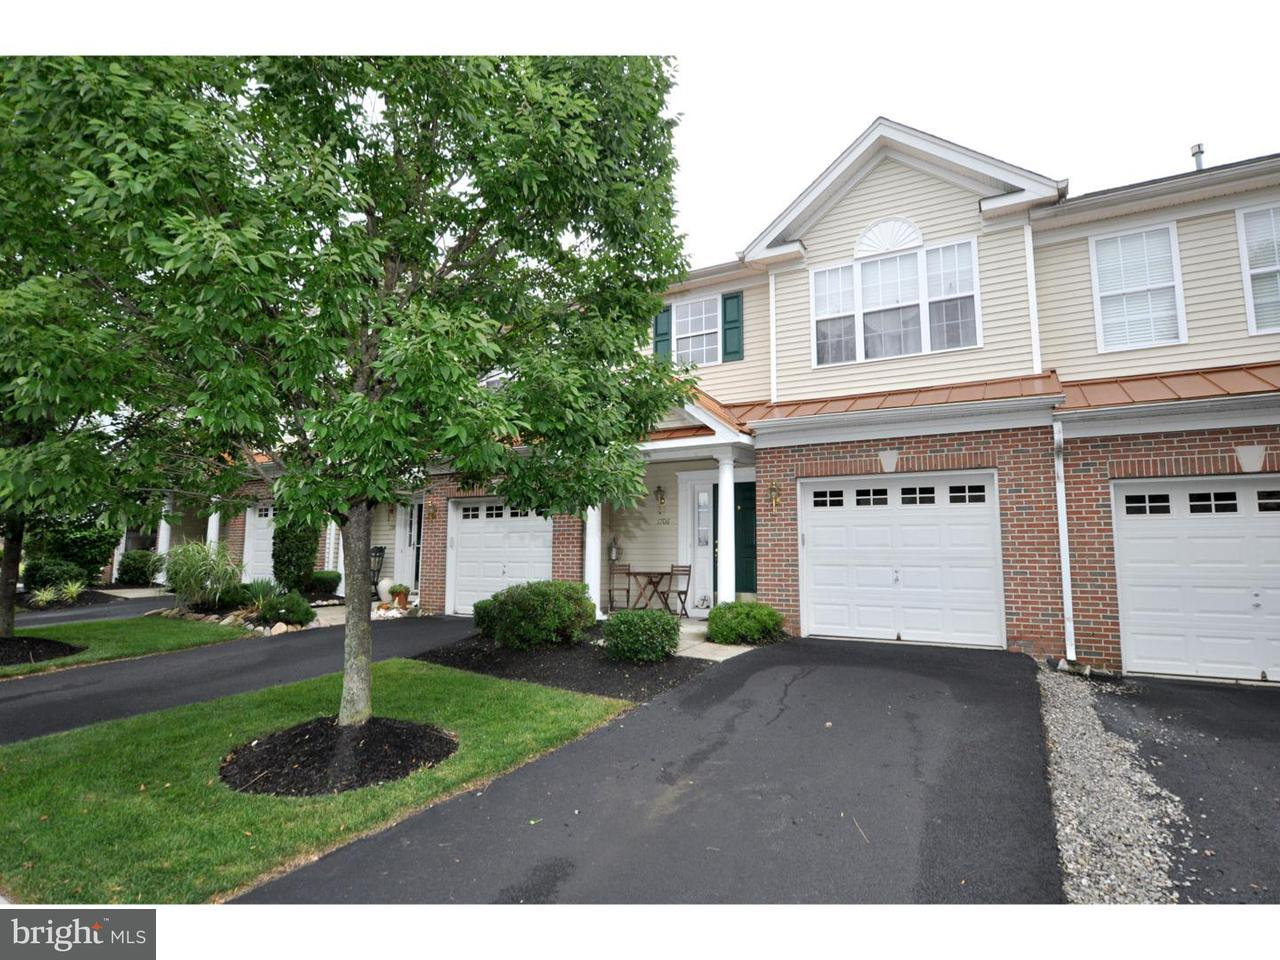 Casa unifamiliar adosada (Townhouse) por un Alquiler en 1708 NATHAN Drive Cinnaminson, Nueva Jersey 08077 Estados Unidos